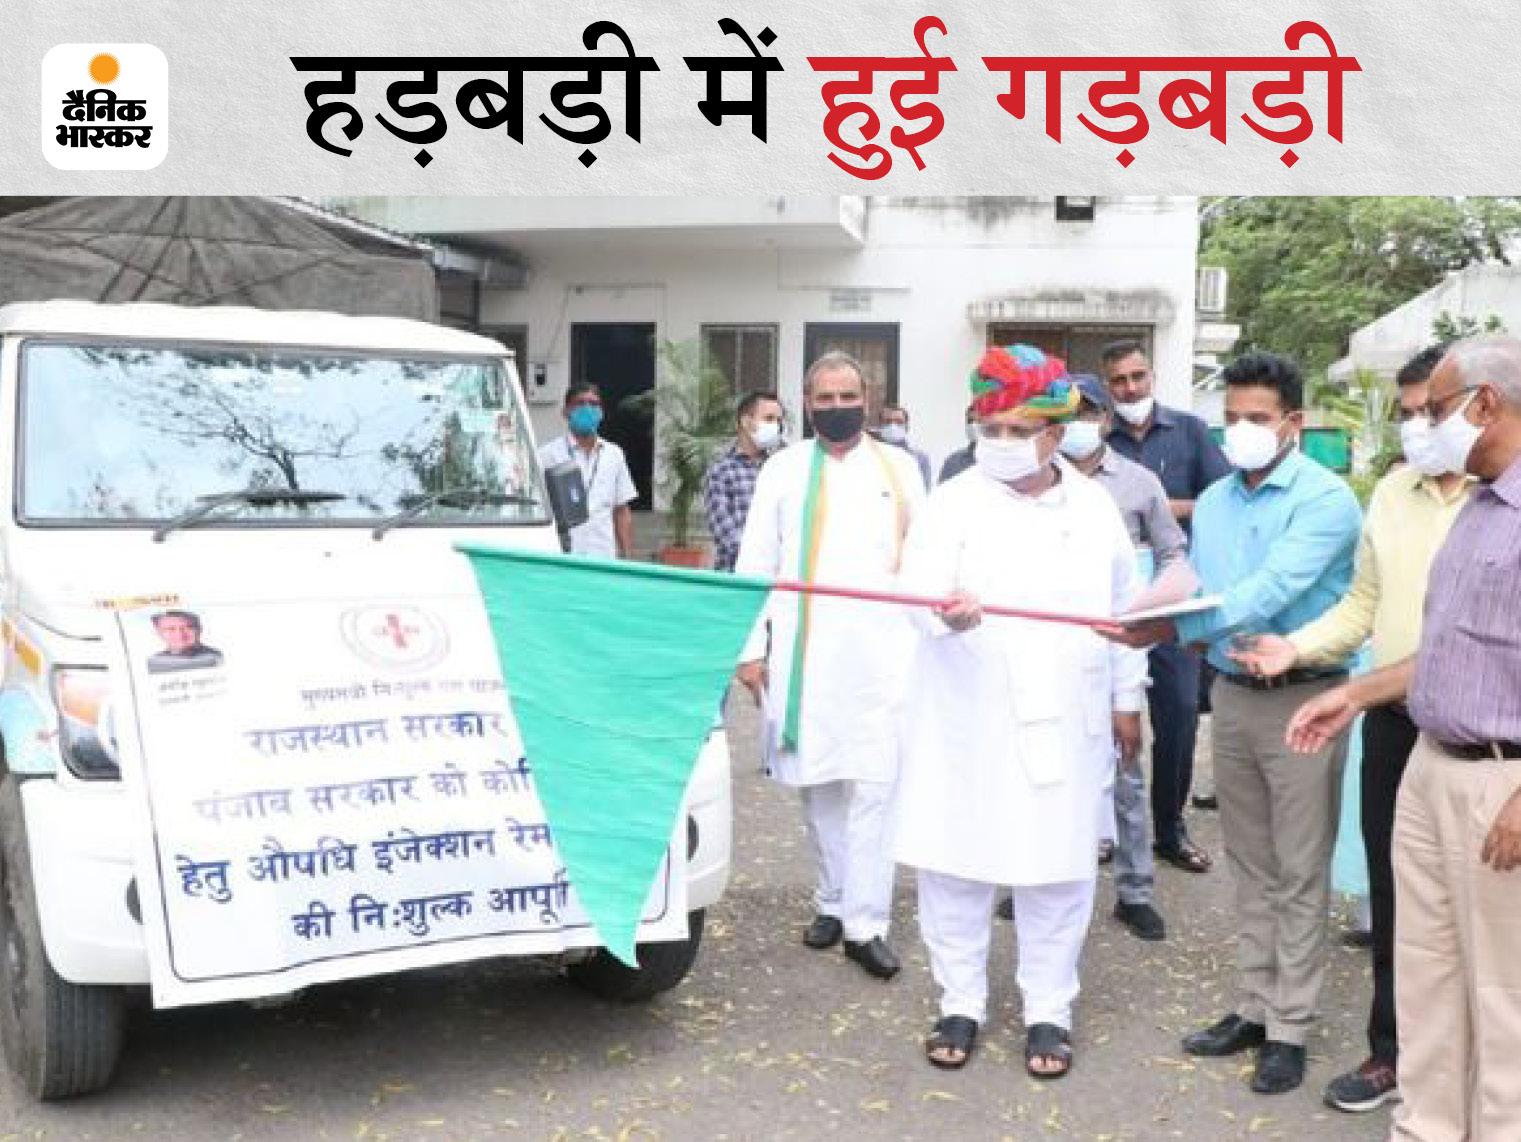 चिकित्सा मंत्री ने पंजाब को रेमडेसिविर नहीं दिए होते तो 10 हजार इंजेक्शन होते हमारे पास, मंत्री का तर्क- 30 अप्रैल को एक्सपायरी डेट थी, इसलिए हमने देकर अच्छा किया|जयपुर,Jaipur - Dainik Bhaskar